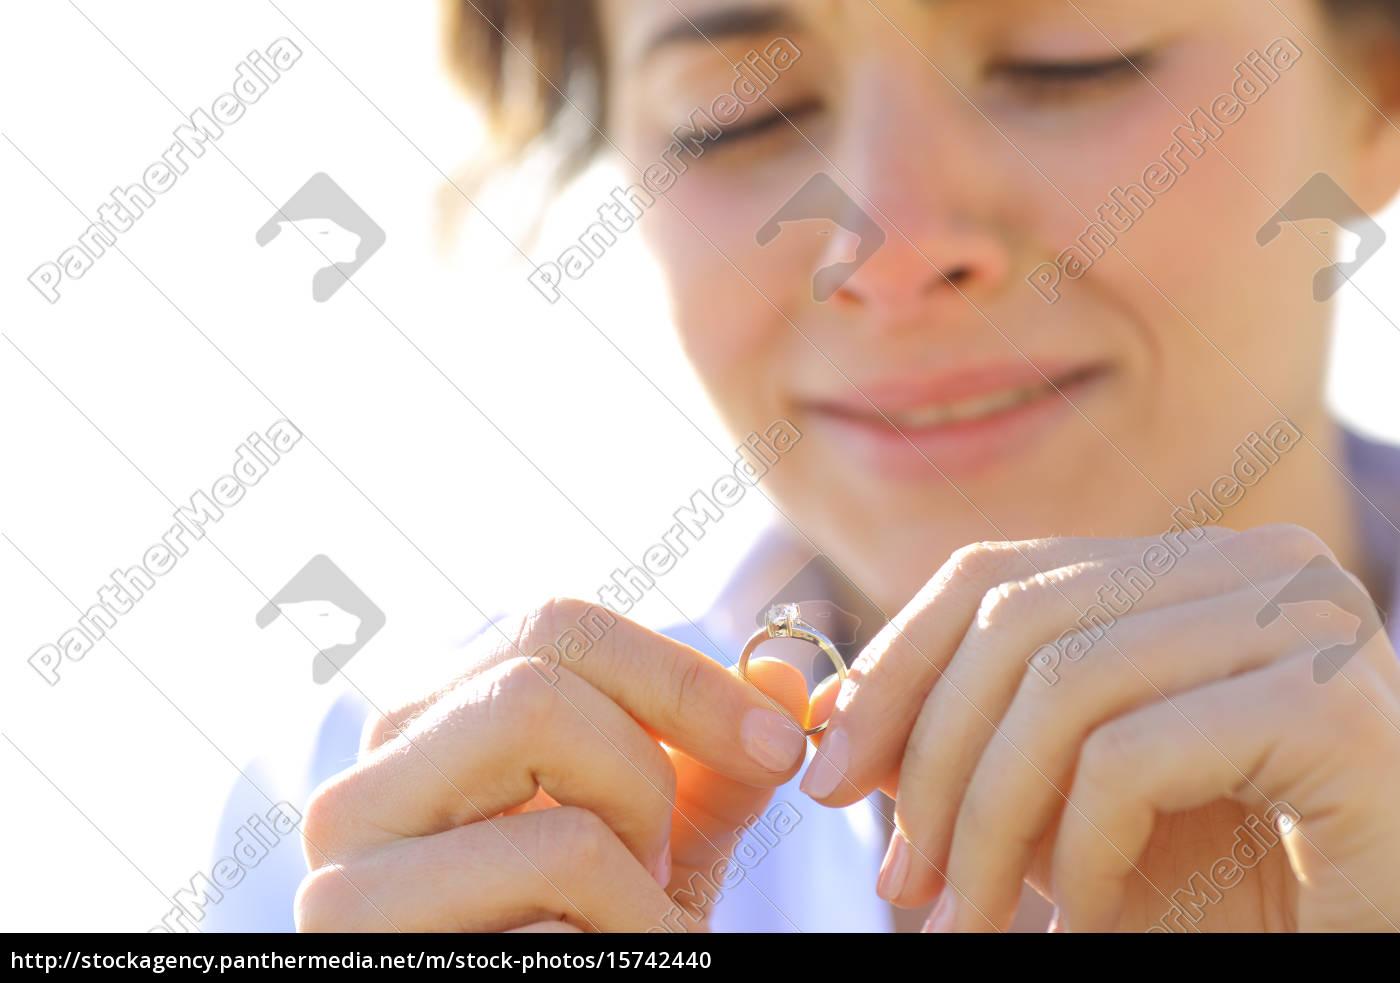 sad, freundin, suchen, ihren, verlobungsring - 15742440